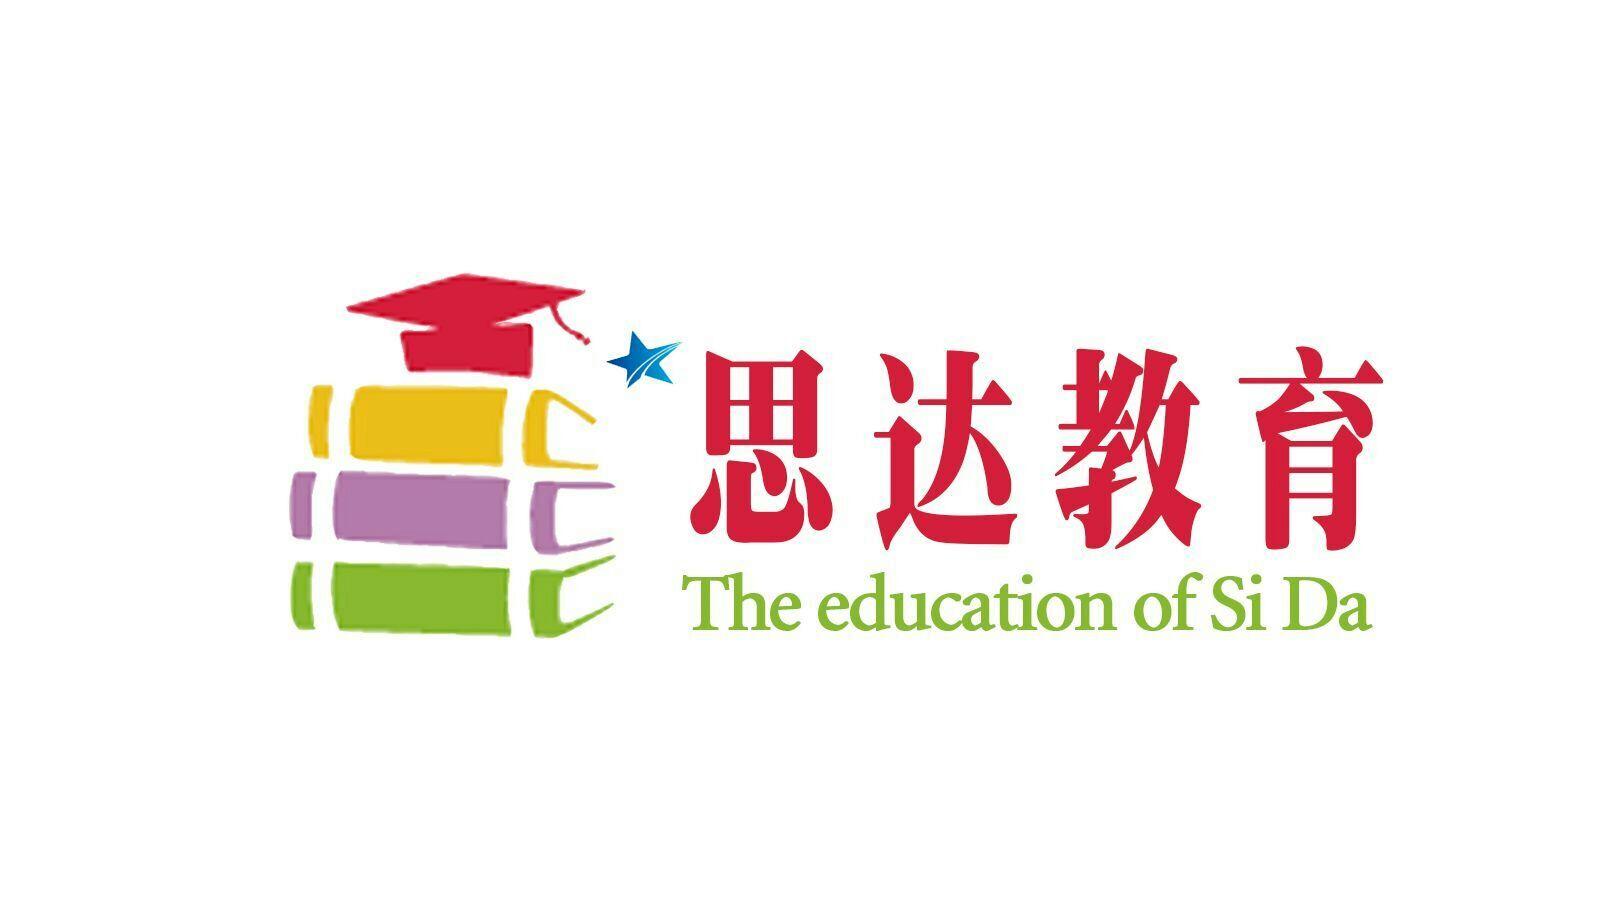 张掖市甘州区思达文化教育培训有限责任公司